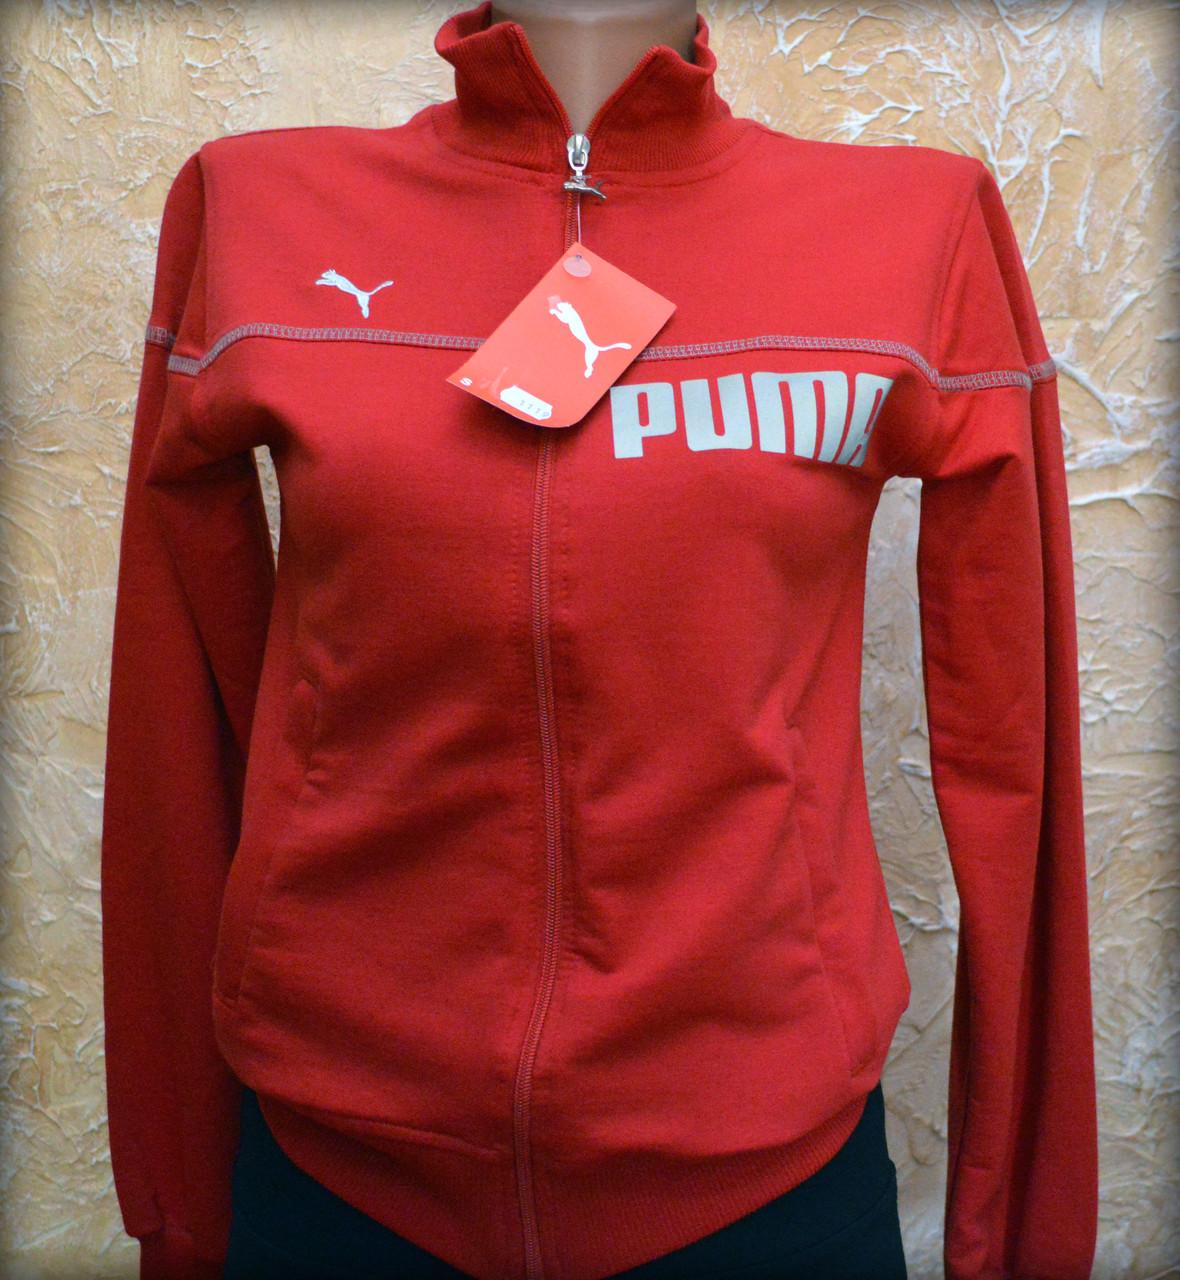 6cdfaaa2a041 Женский спортивный костюм PUMA 85 (копия) в Умани от компании ...